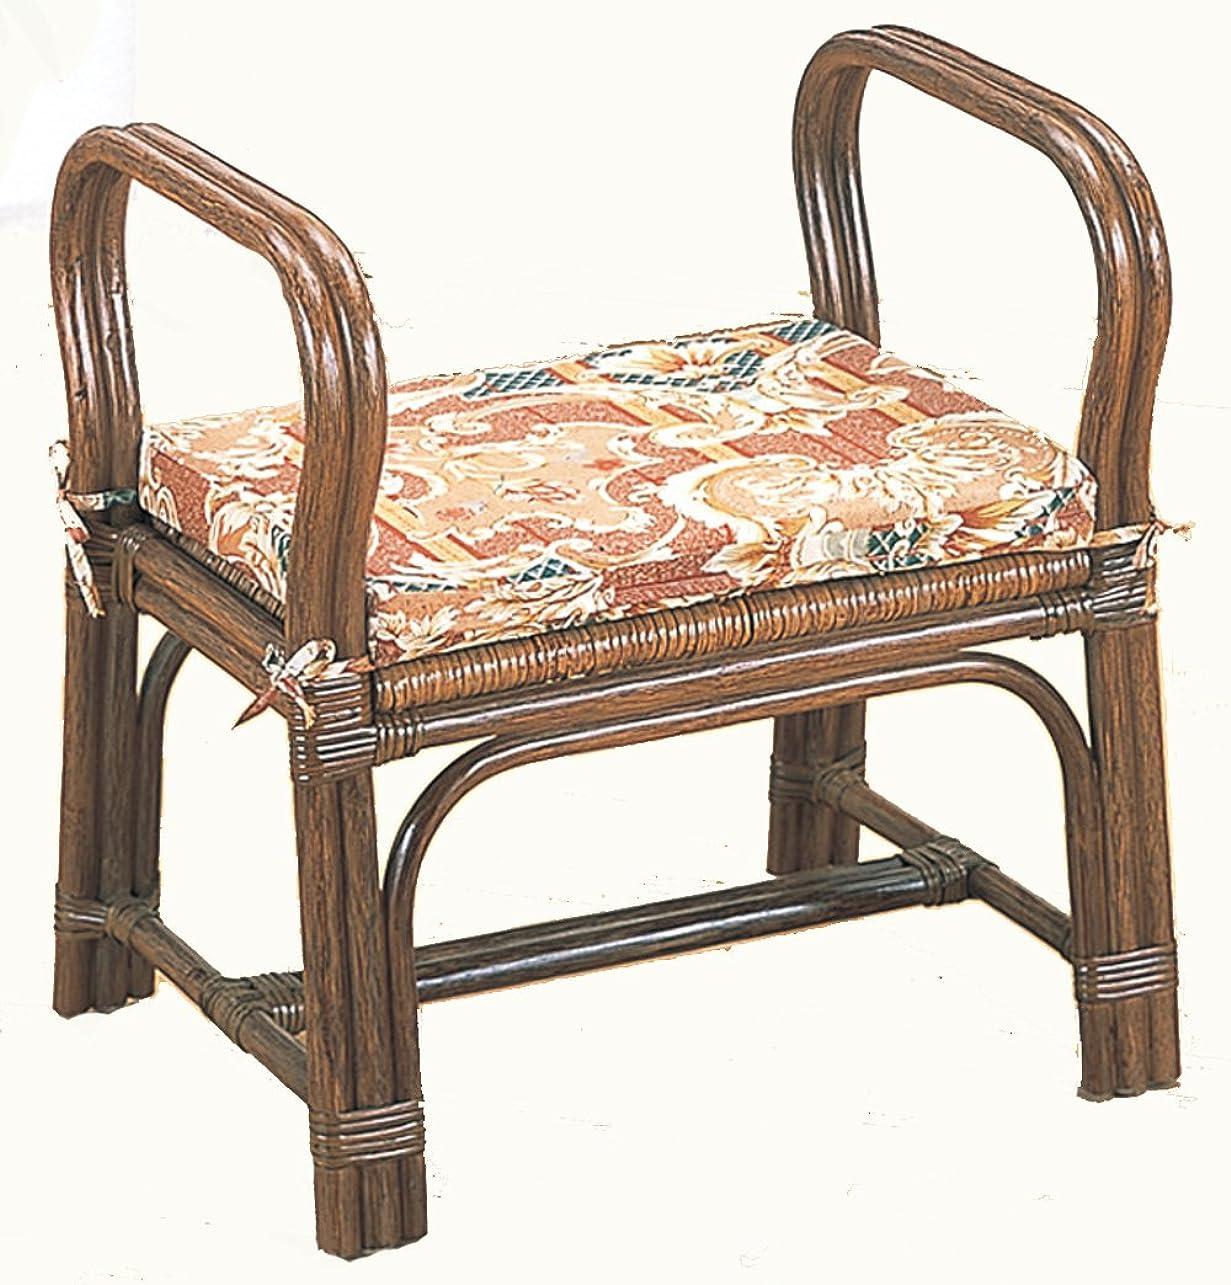 結核蒸気締め切り籐ちょこっと座椅子 ロータイプ S118B